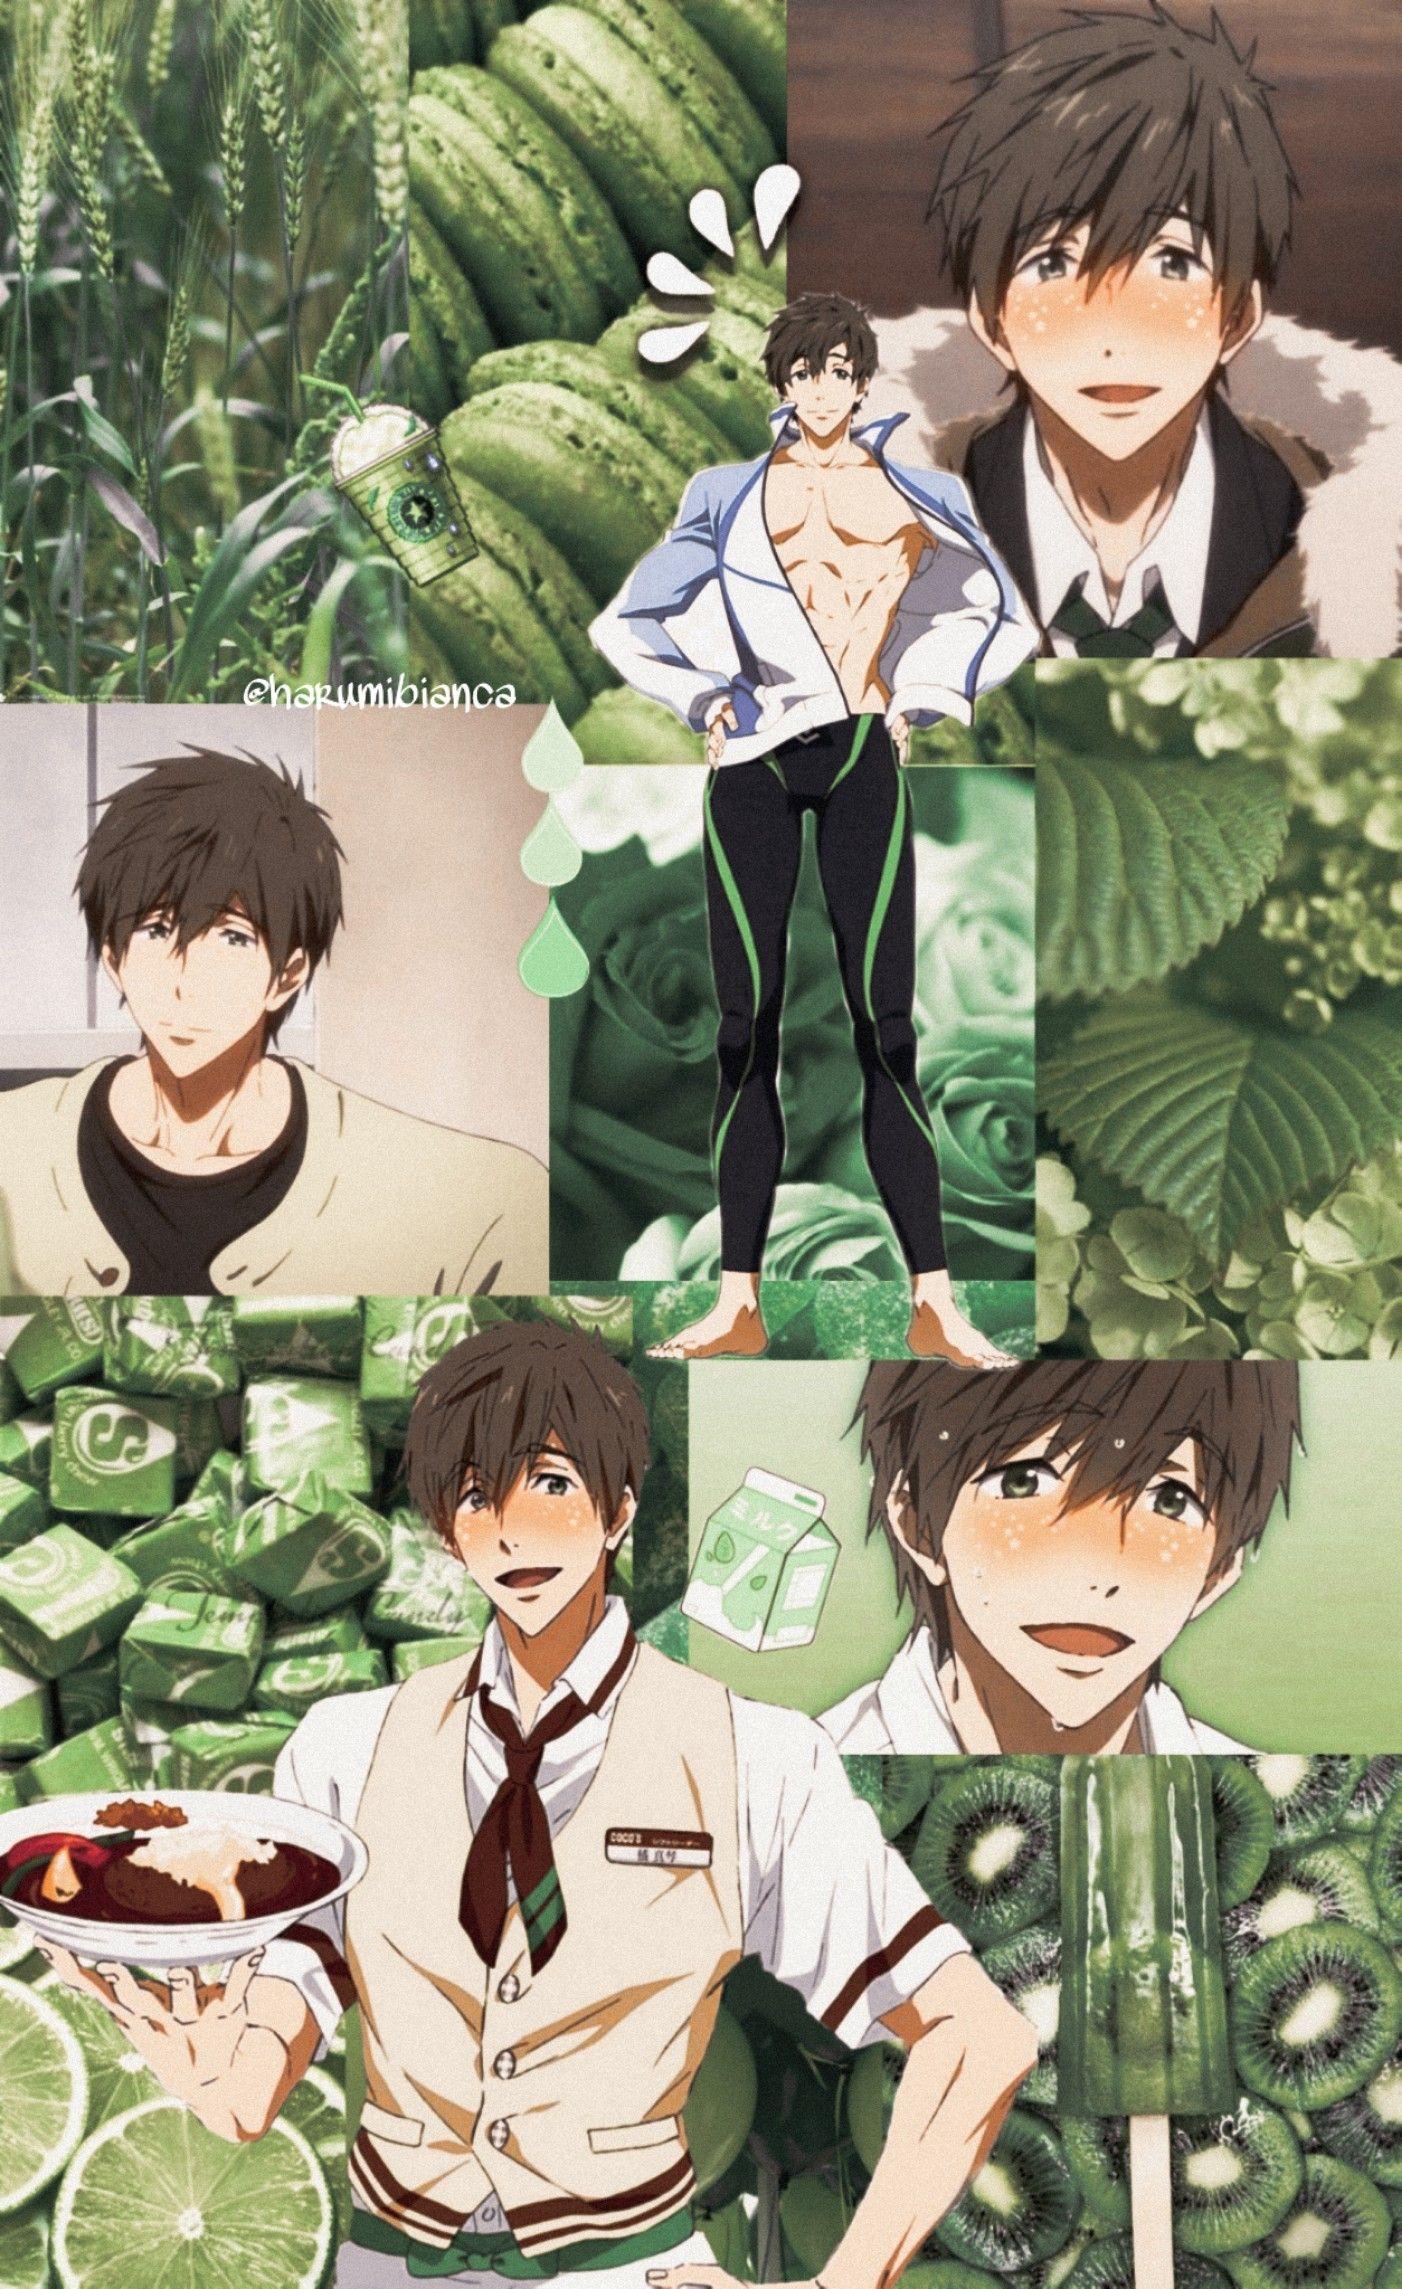 Pin On Free Iwatobi Anime wallpaper iphone free